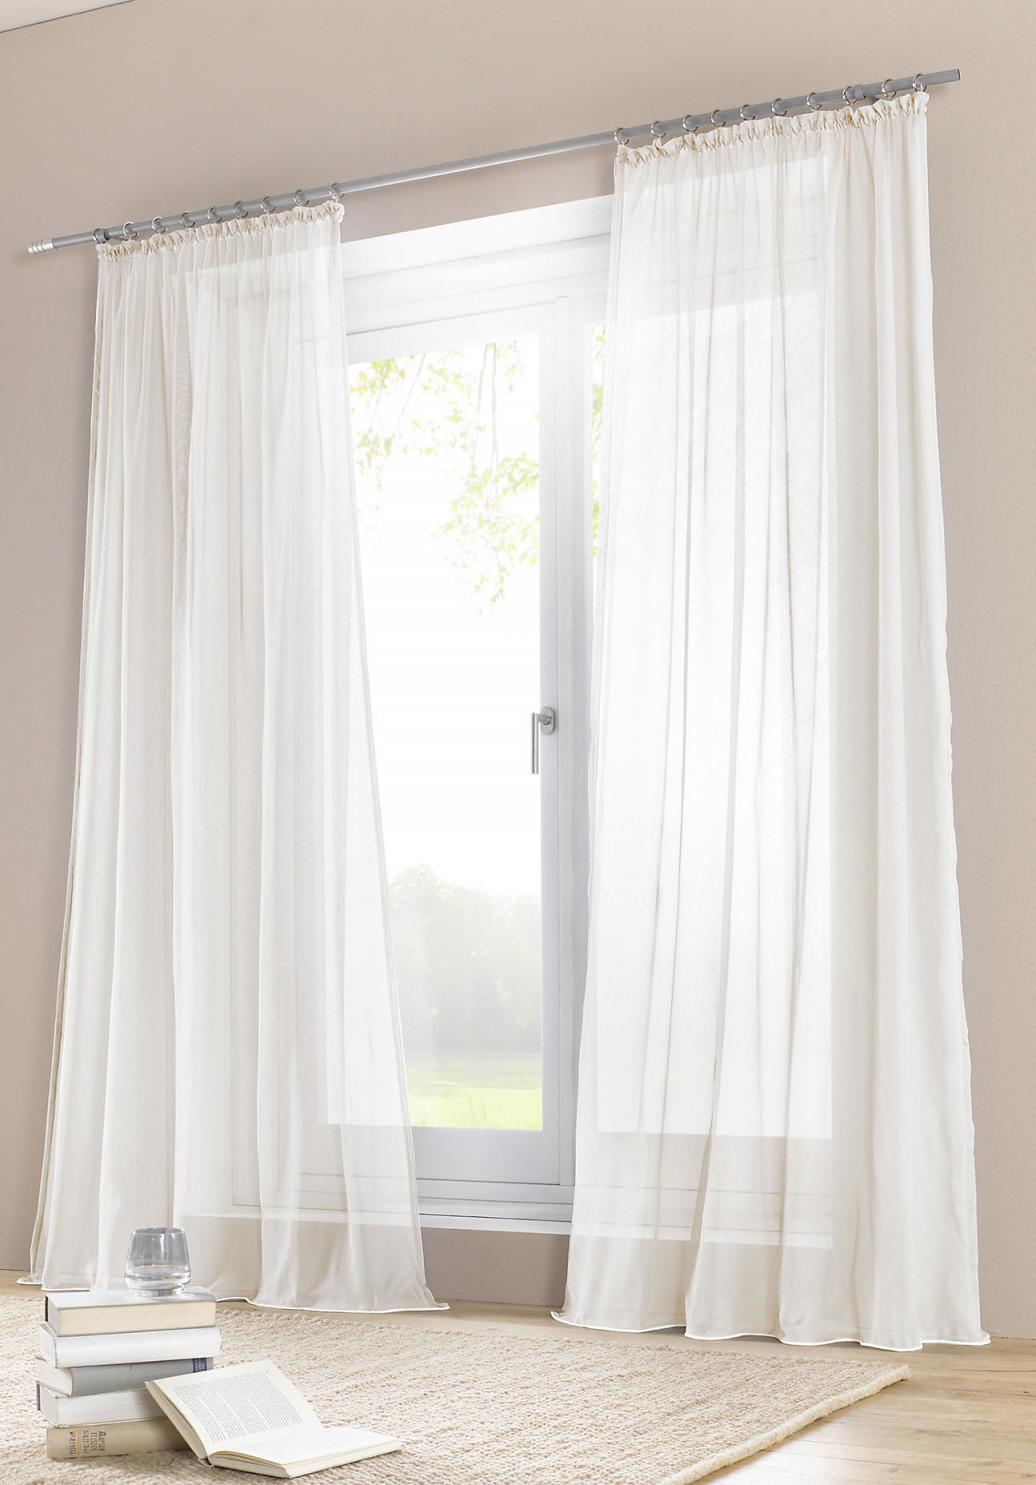 Die Schönsten Ideen Für Vorhänge  Gardinen von Gardinen Wohnzimmer Trend Bild